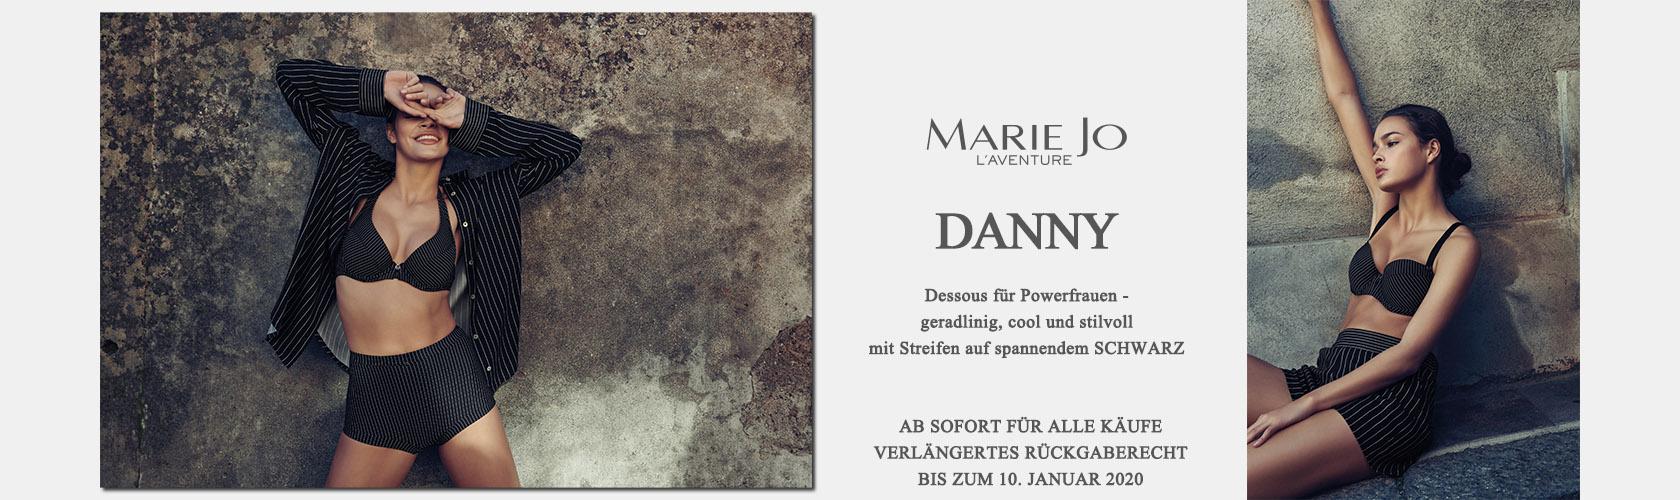 Slideshow DANNY ZWA 11.12.